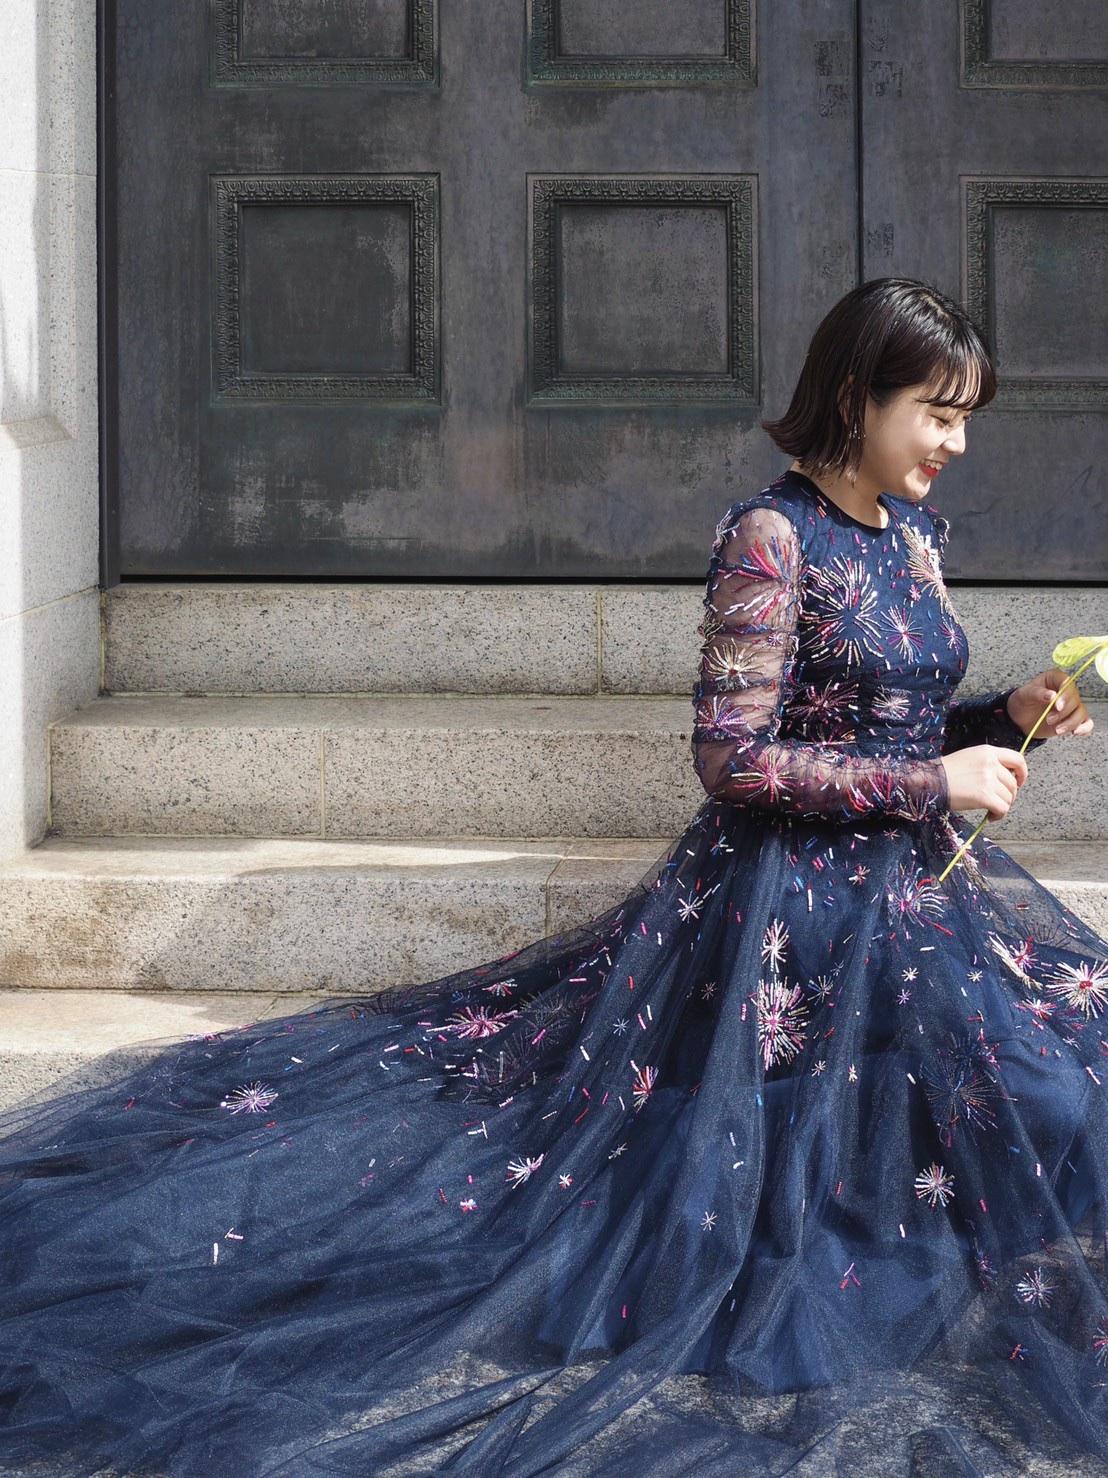 ザトリートドレッシング神戸がおすすめするシャーリングスリーブがロマンティックなモニークルイリエのカラードレスのご紹介